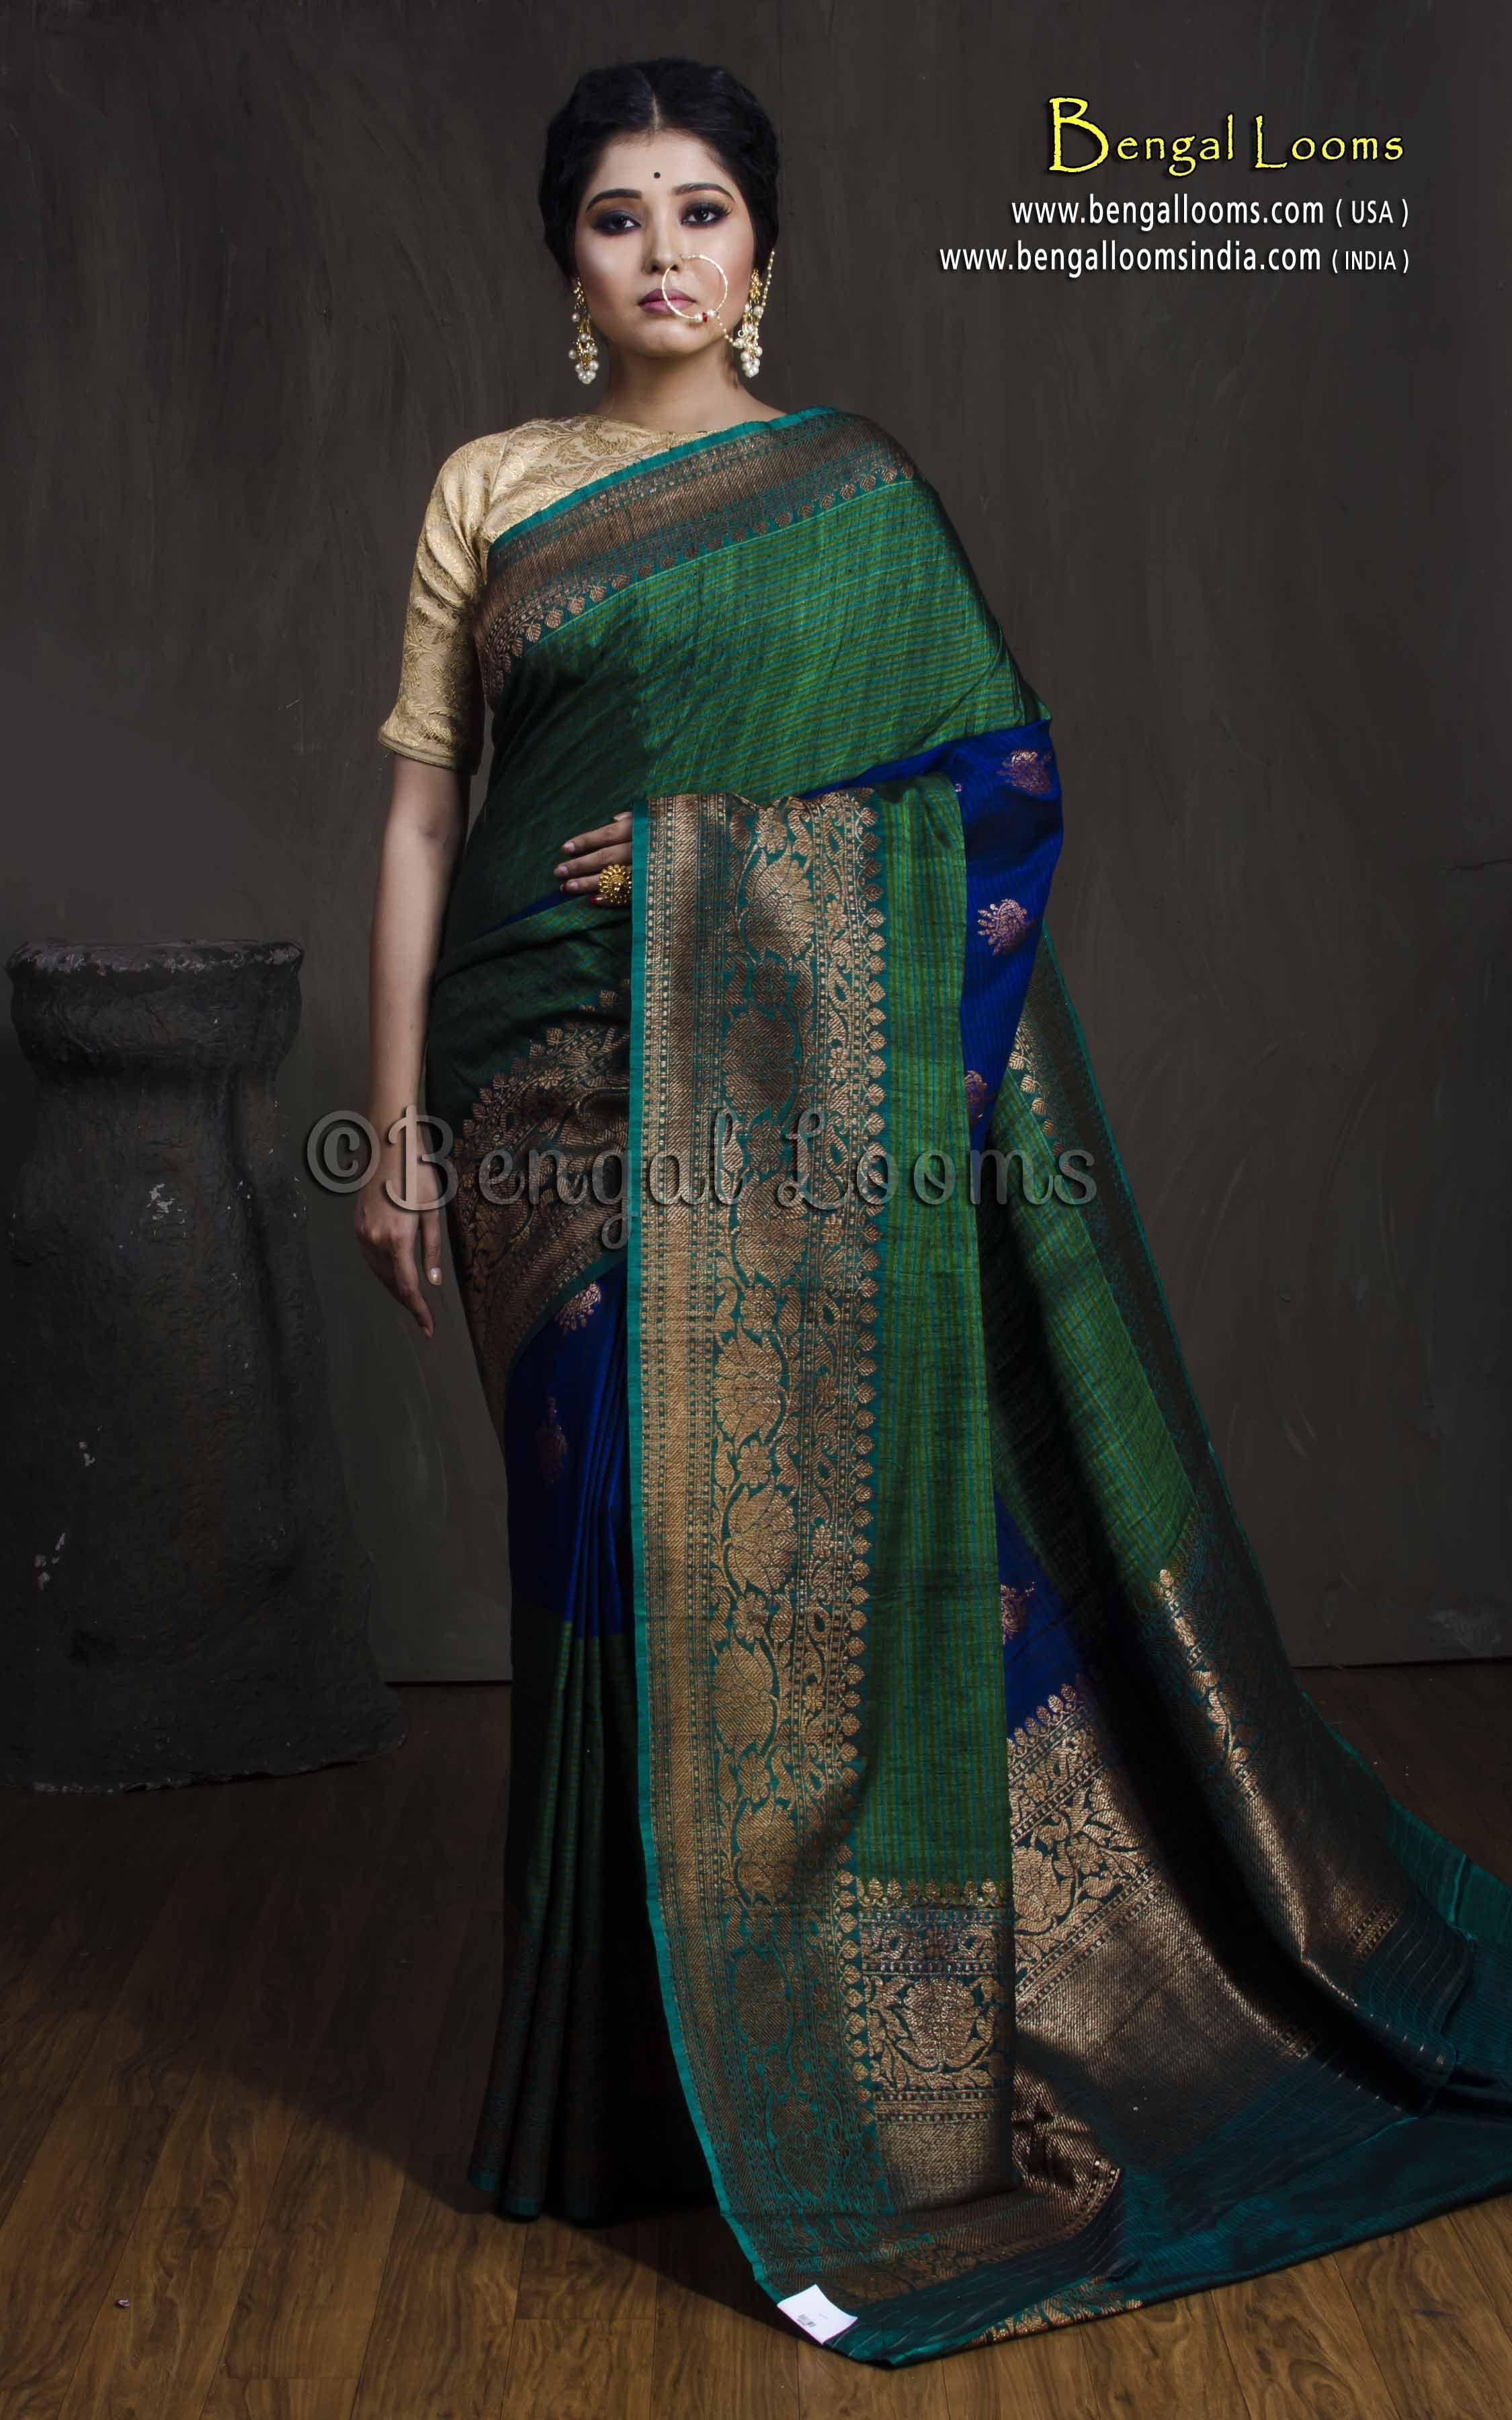 wedding saree designer saree saree dress sari Tusser Silk with designer border saree with blouse for women indian saree green saree